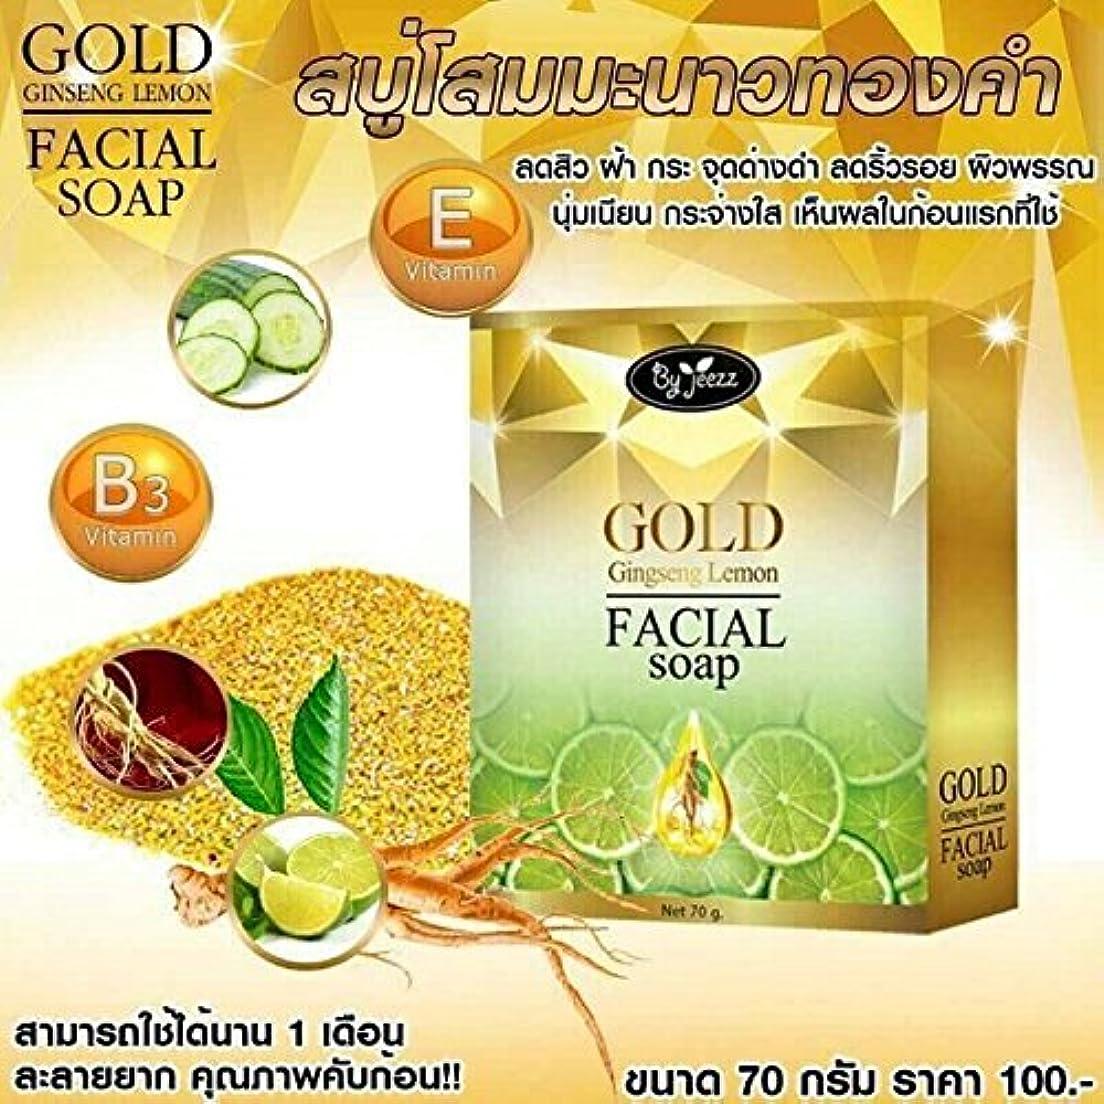 フレームワークラジカルファイナンス1 X Natural Herbal Whitening Soap. Ginseng Lemon Soap (Gold Ginseng Lemon Facial Soap by jeezz) 70 g. Free shipping